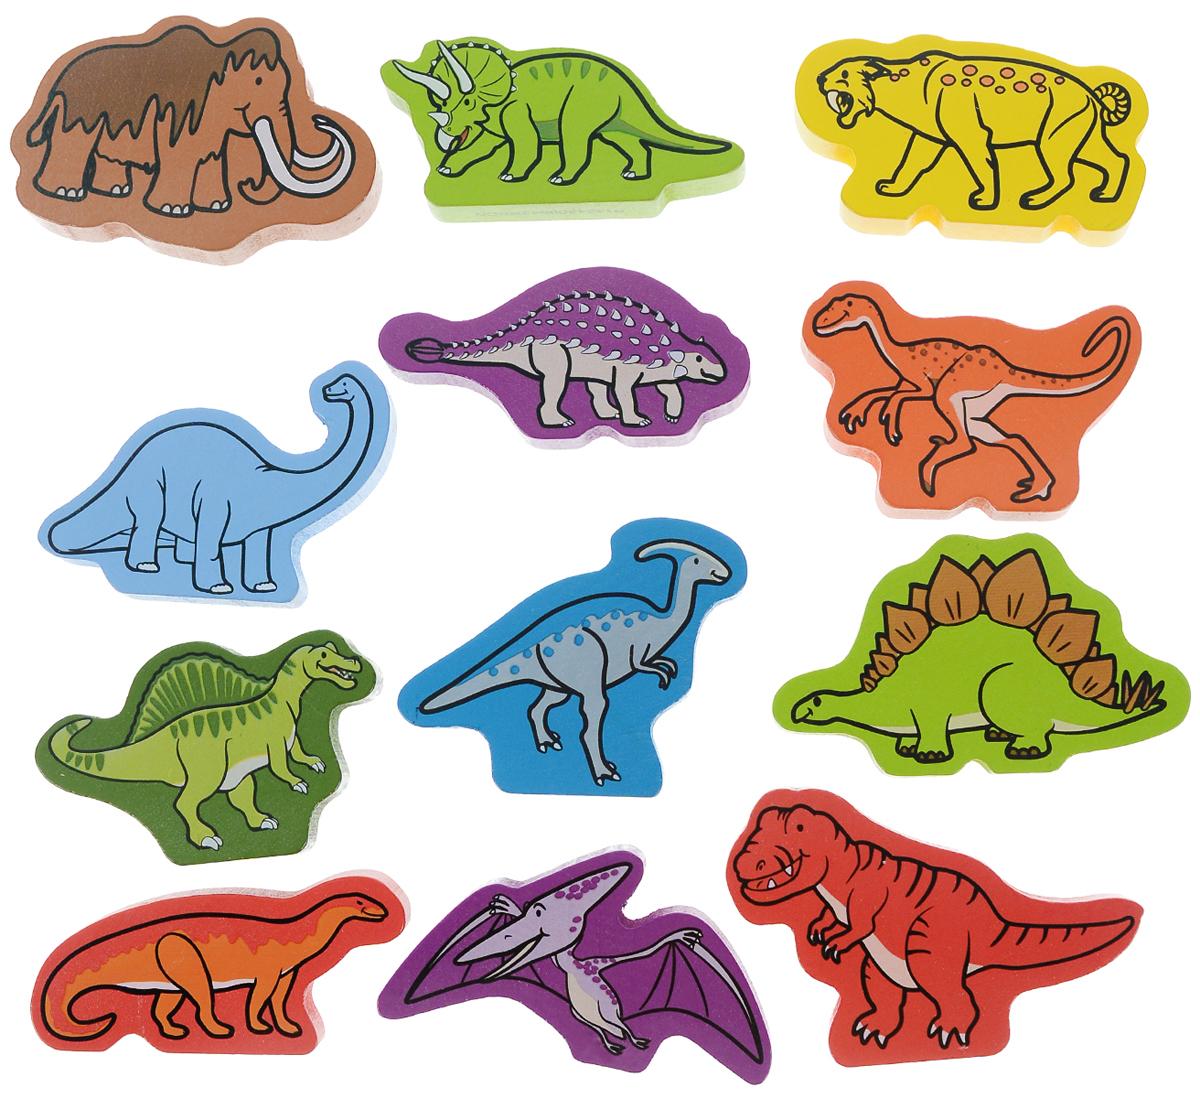 Hape Пазл для малышей ДинозаврыЕ0910Пазл для малышей Hape Динозавры понравится ребенку и познакомит его с миром древних рептилий. В набор входят 12 элементов в виде фигурок различных видов динозавров. Детали выполнены из натурального дерева и окрашены качественными красками, которые абсолютно безопасны для ребенка. Ребенок обязательно будет играть с такими фигурками, и придумывать различные истории, а благодаря компактным размерам он всегда сможет брать их с собой на прогулку или в гости.